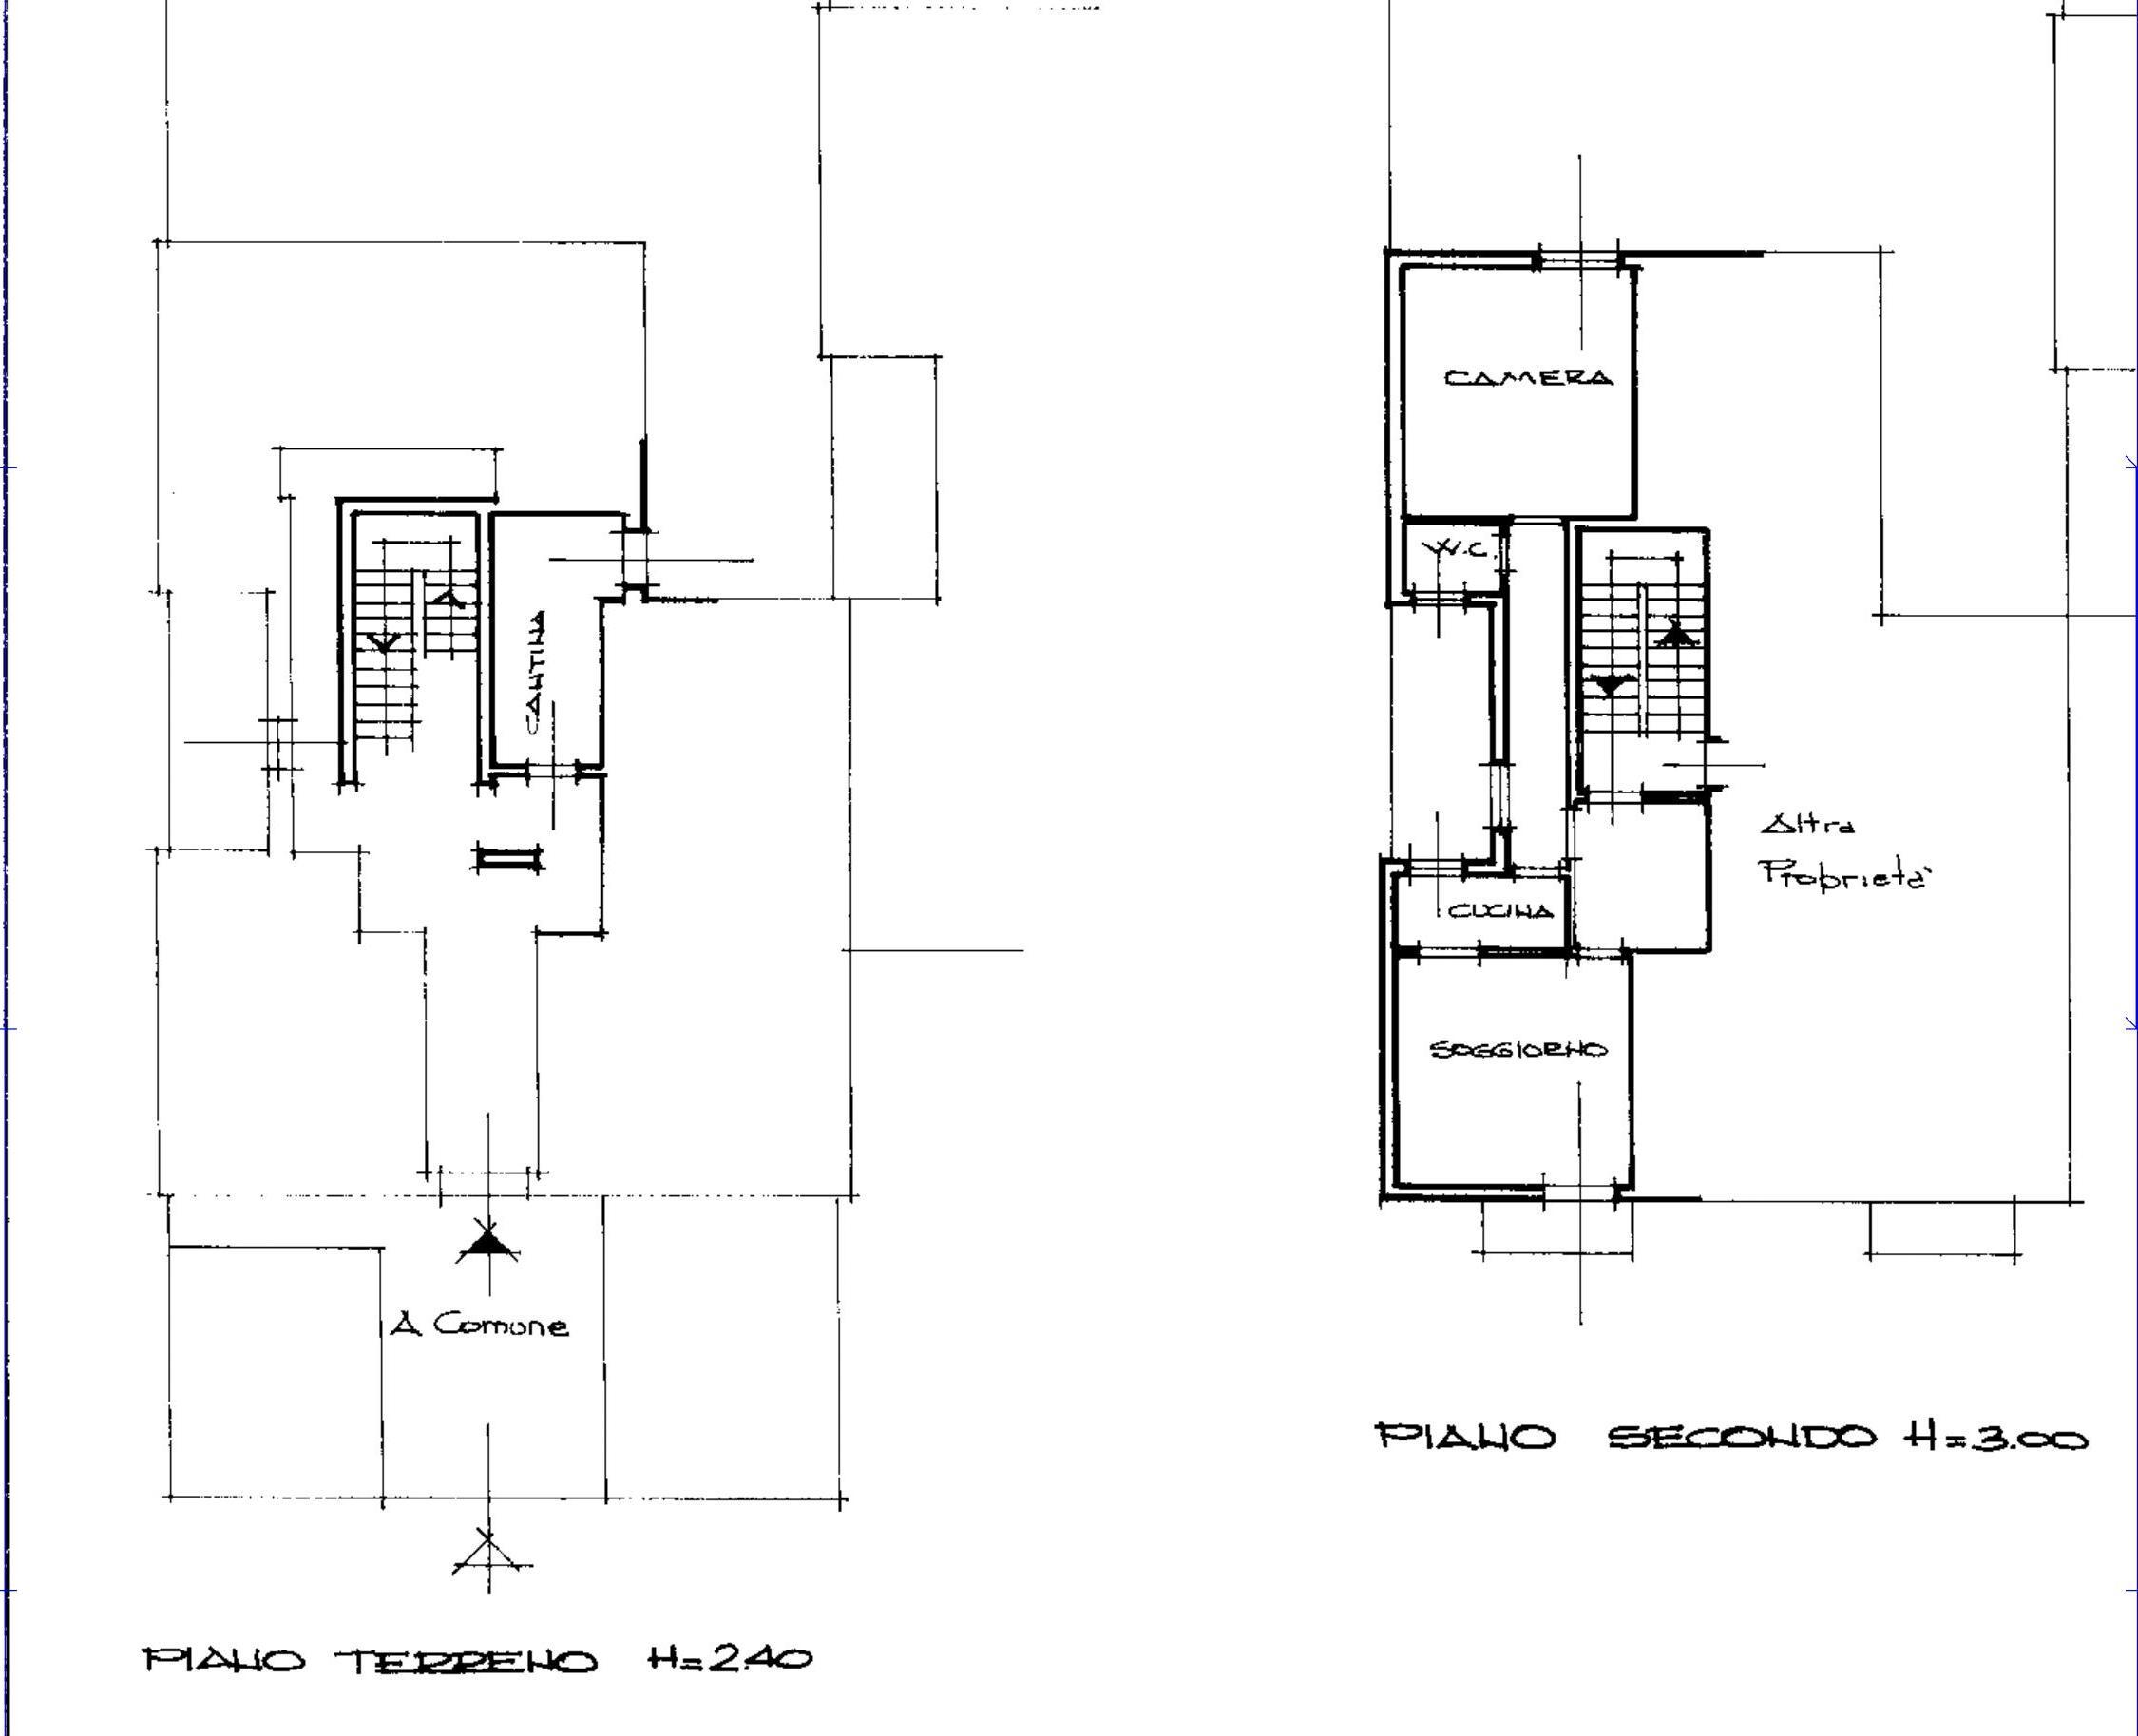 Appartamento in vendita, rif. 598 (Planimetria 1/1)